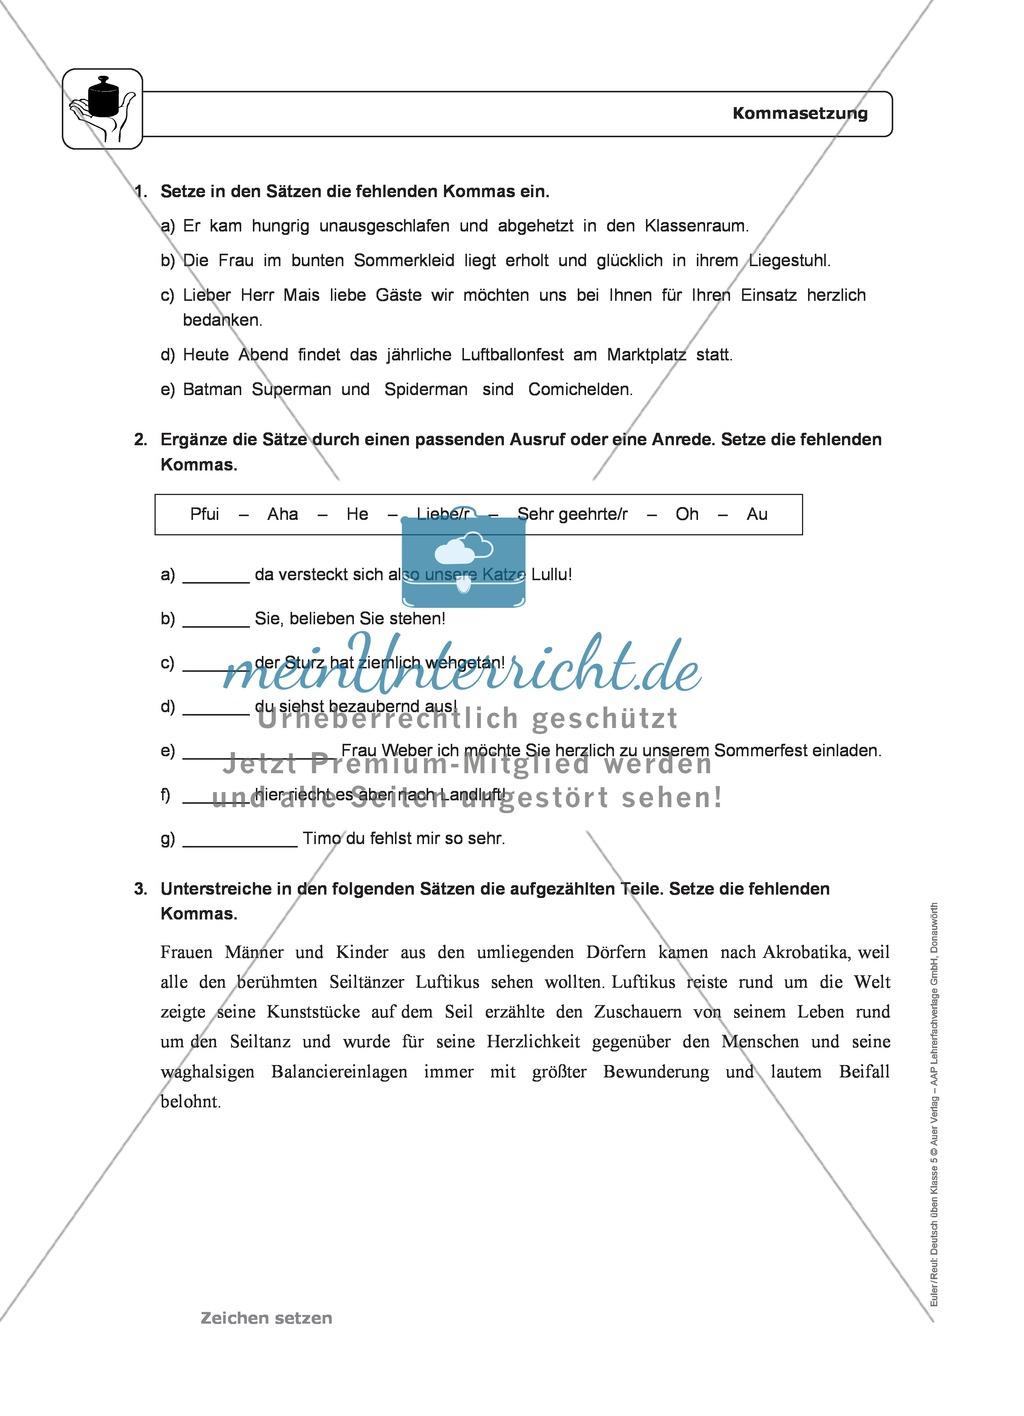 Zeichensetzung: Kommasetzung: Grundregeln, Arbeitsblätter und ...